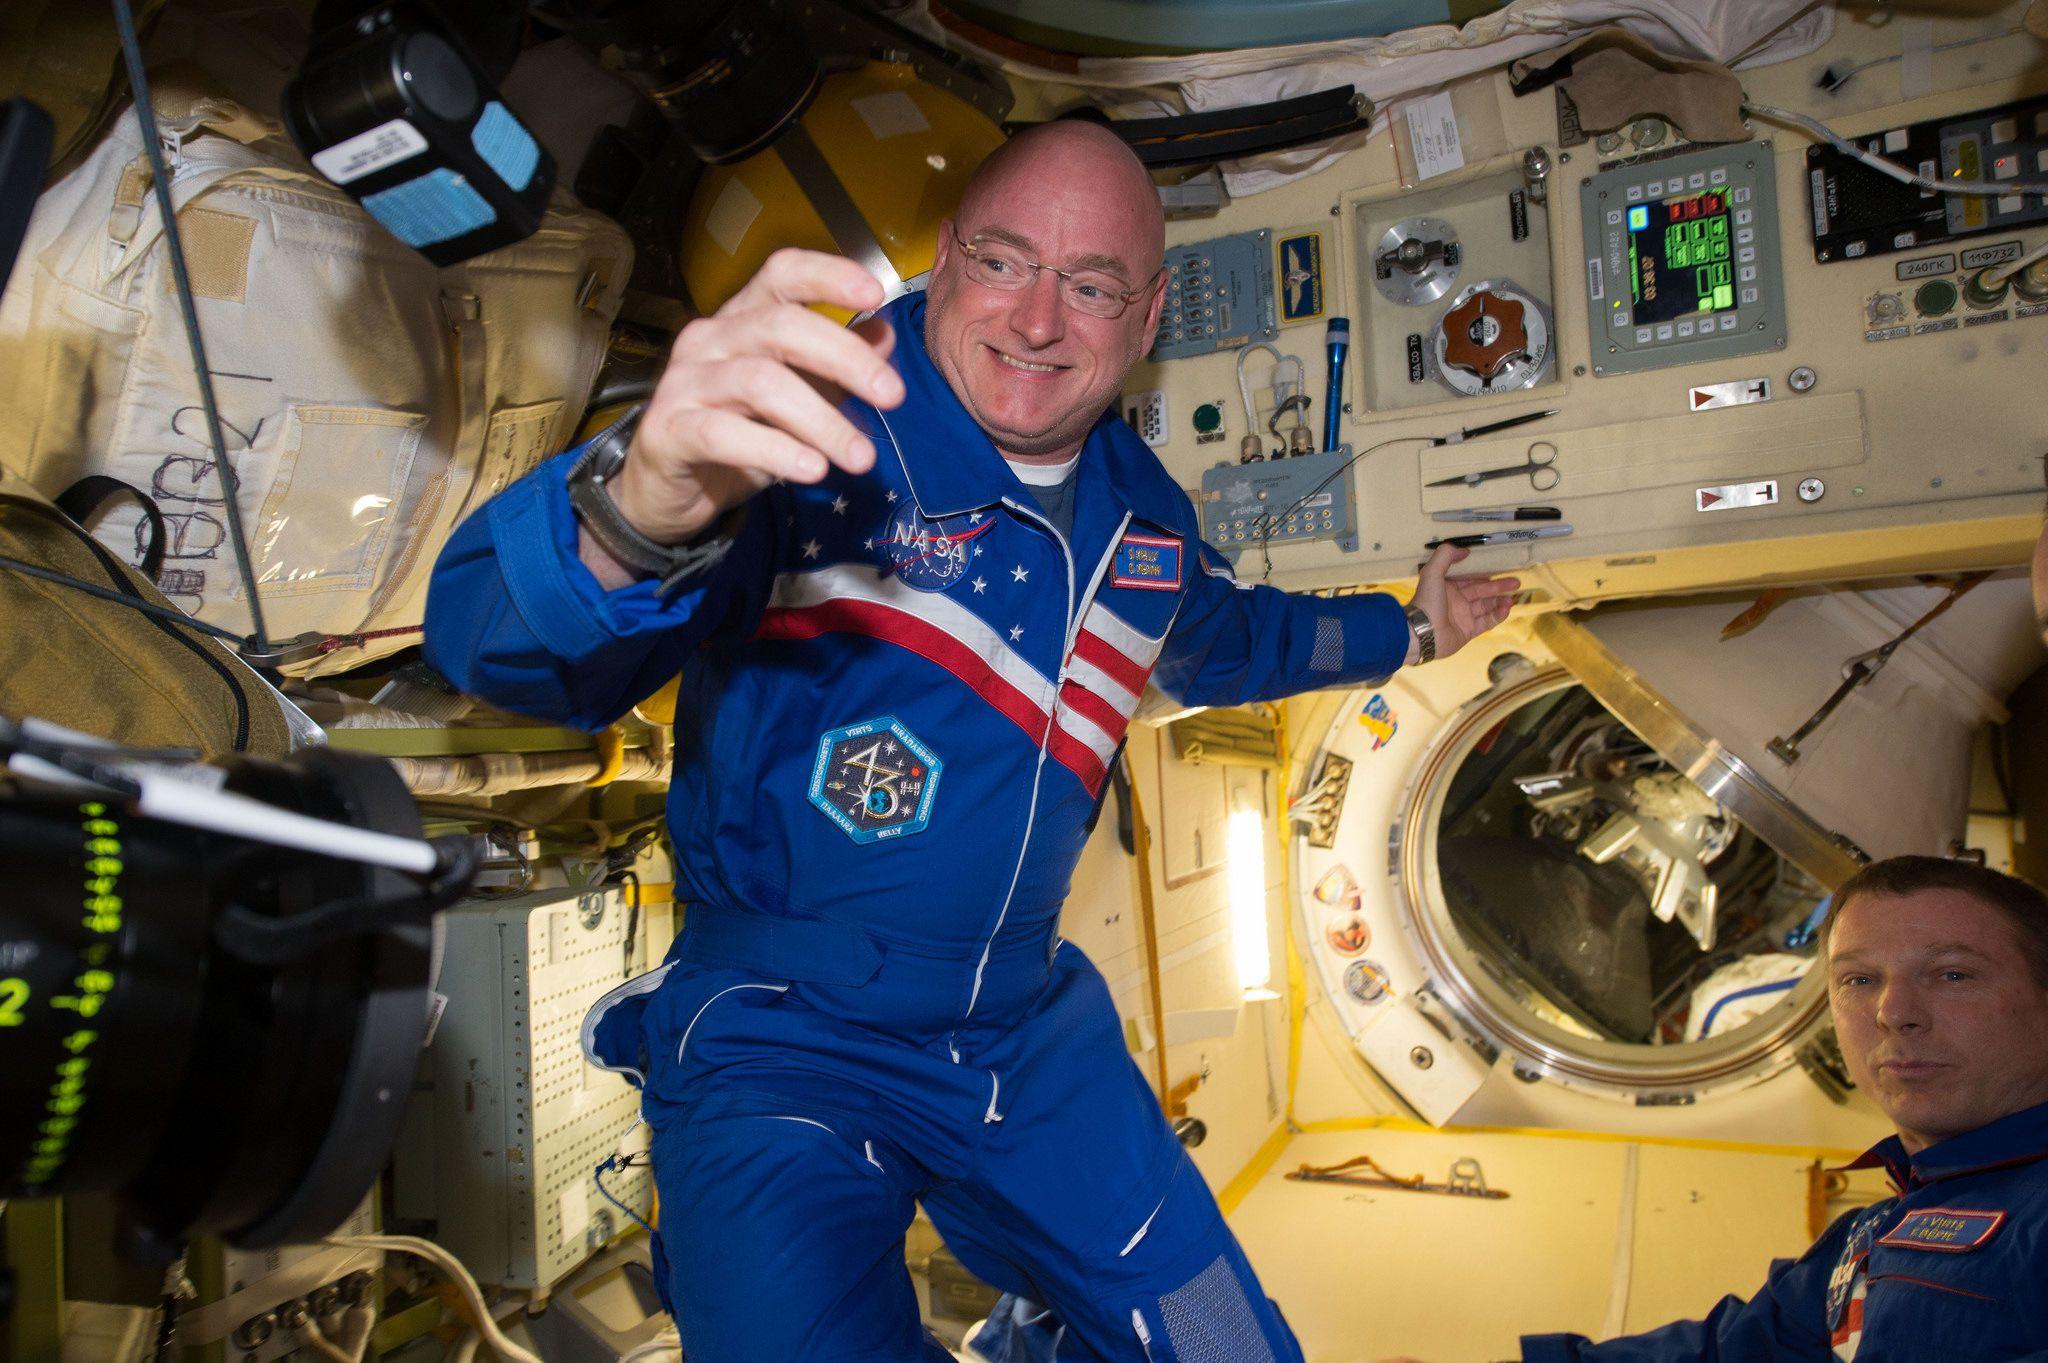 міжнародна космічна станція, скотт келлі_3